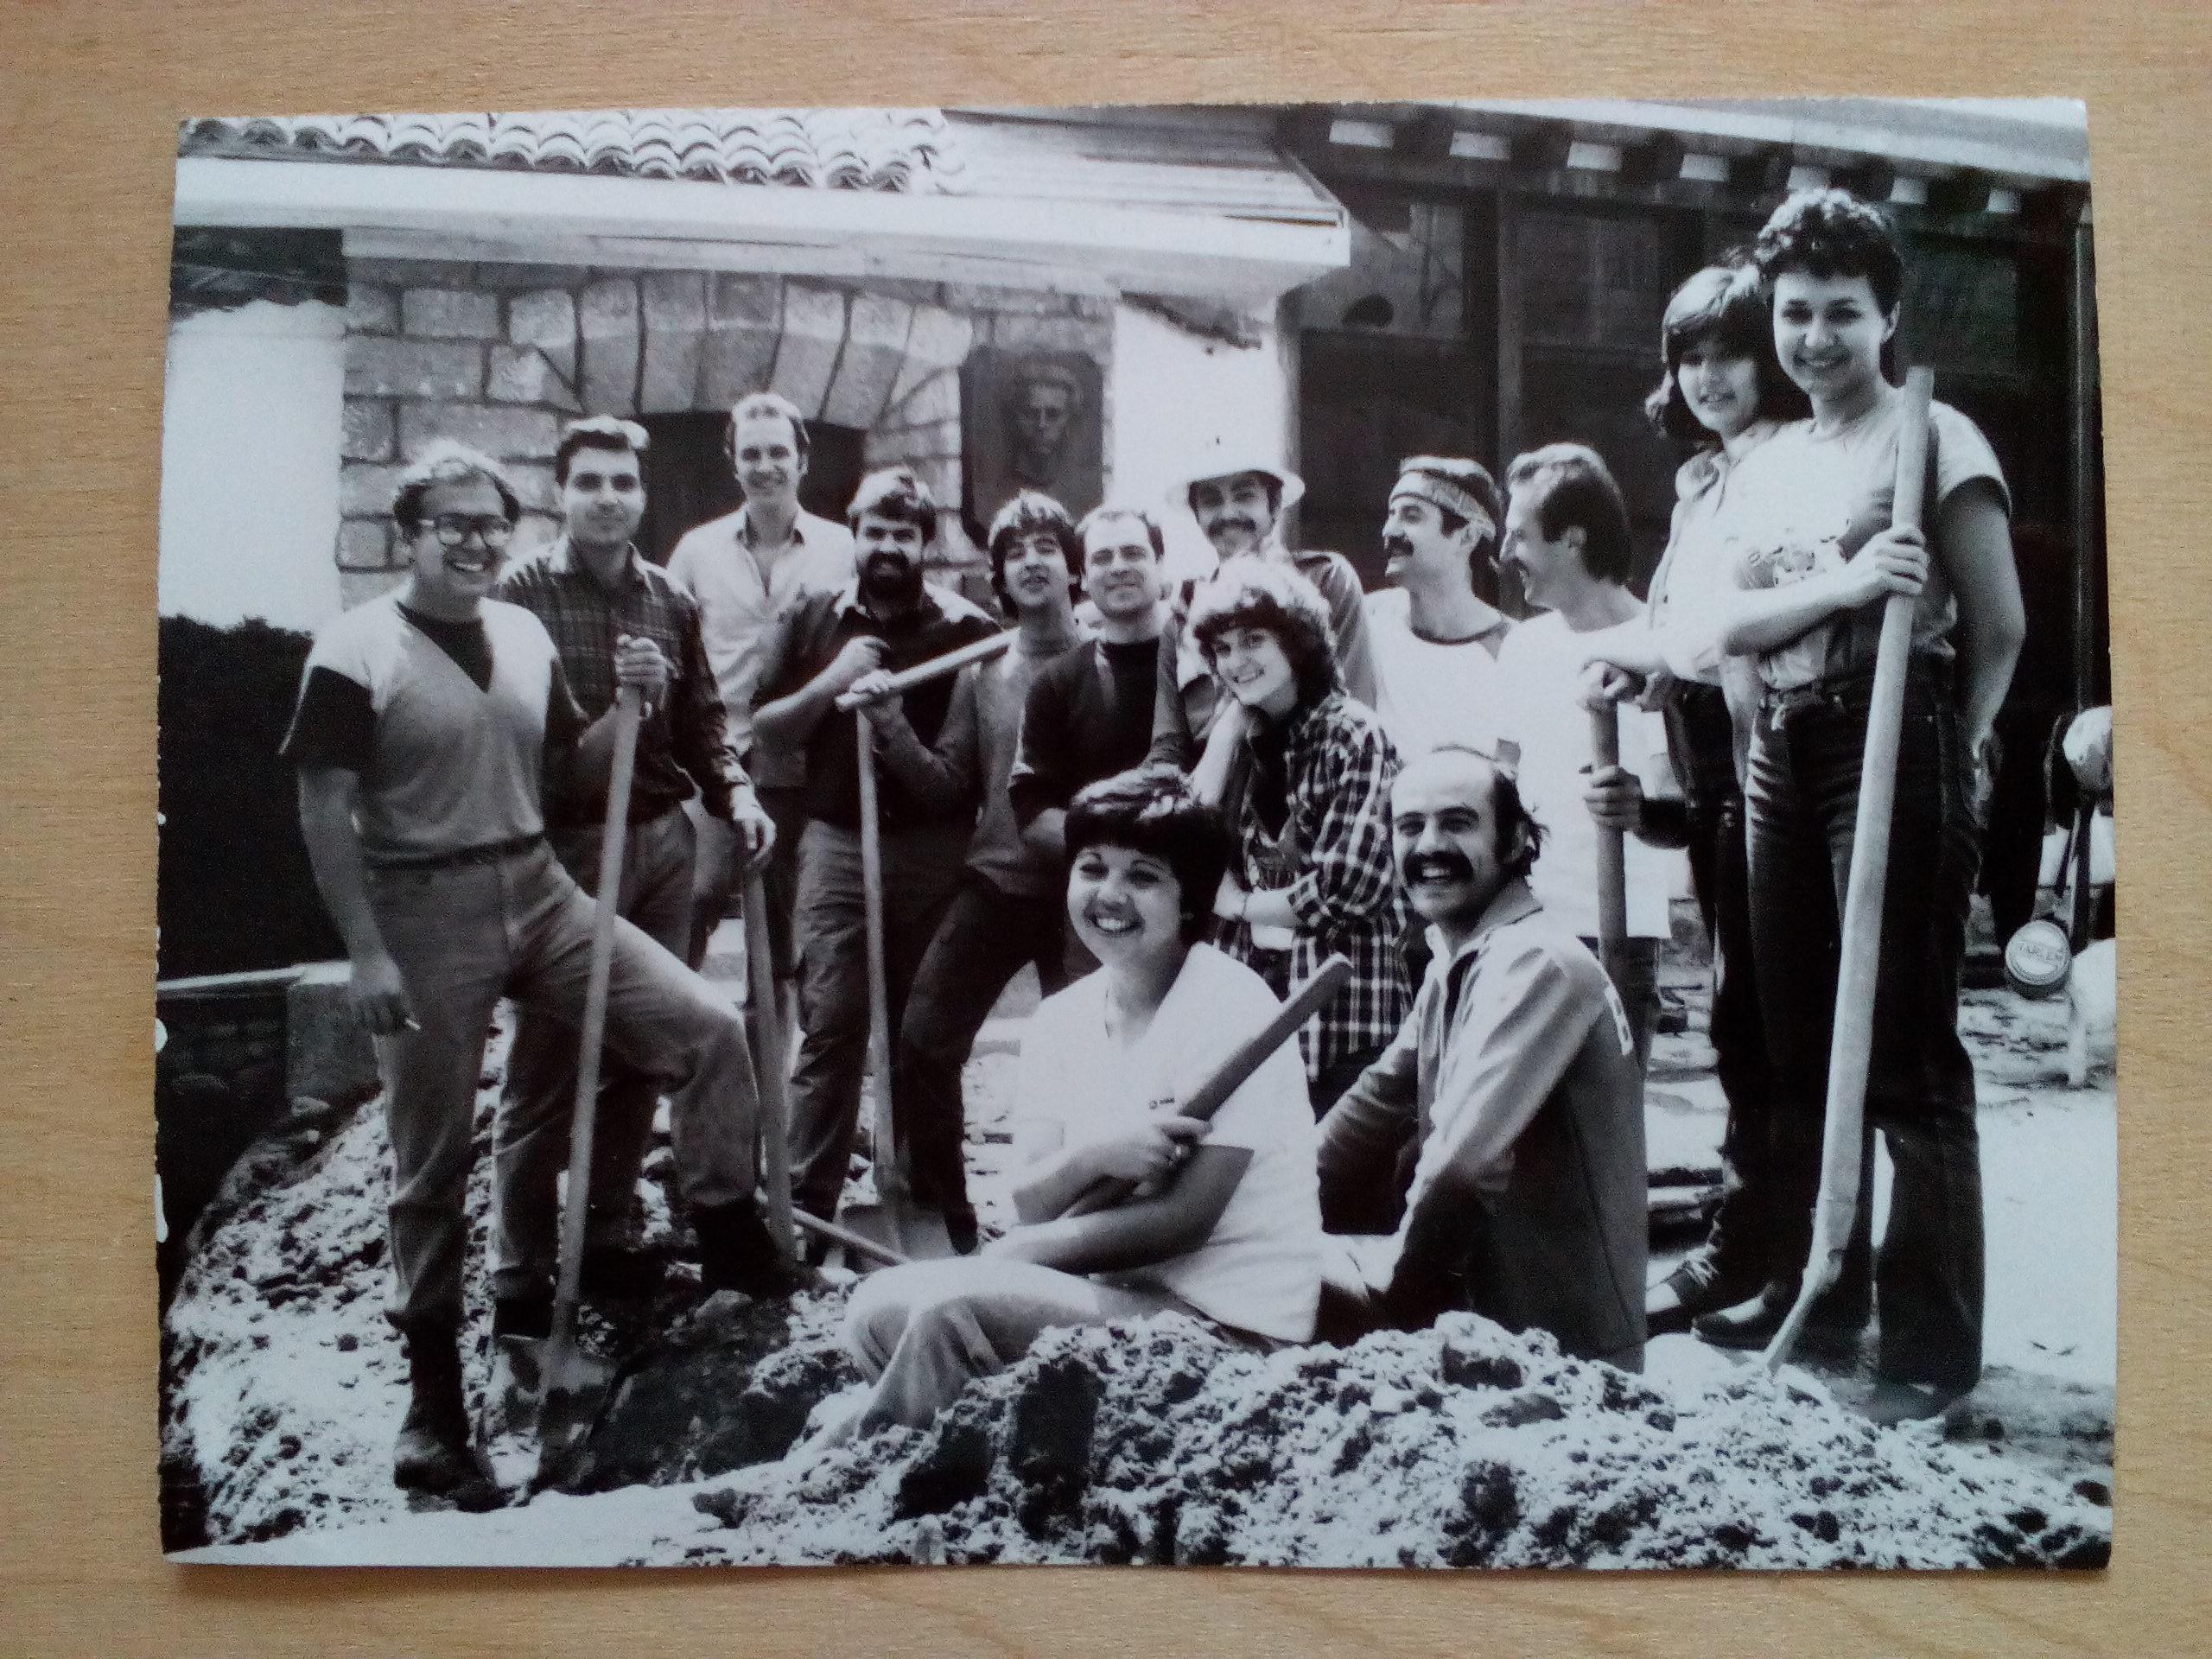 """Бригадата с участници в никарагуанската """"битка за кафето"""", която през 1987 г. се включва в ремонта около музея на Левски в Карлово. Тук е и Алдо Бермудес–петият отдясно след изправените, с бяла шапка и мустаци. Снимка: Пламен Тодоров"""